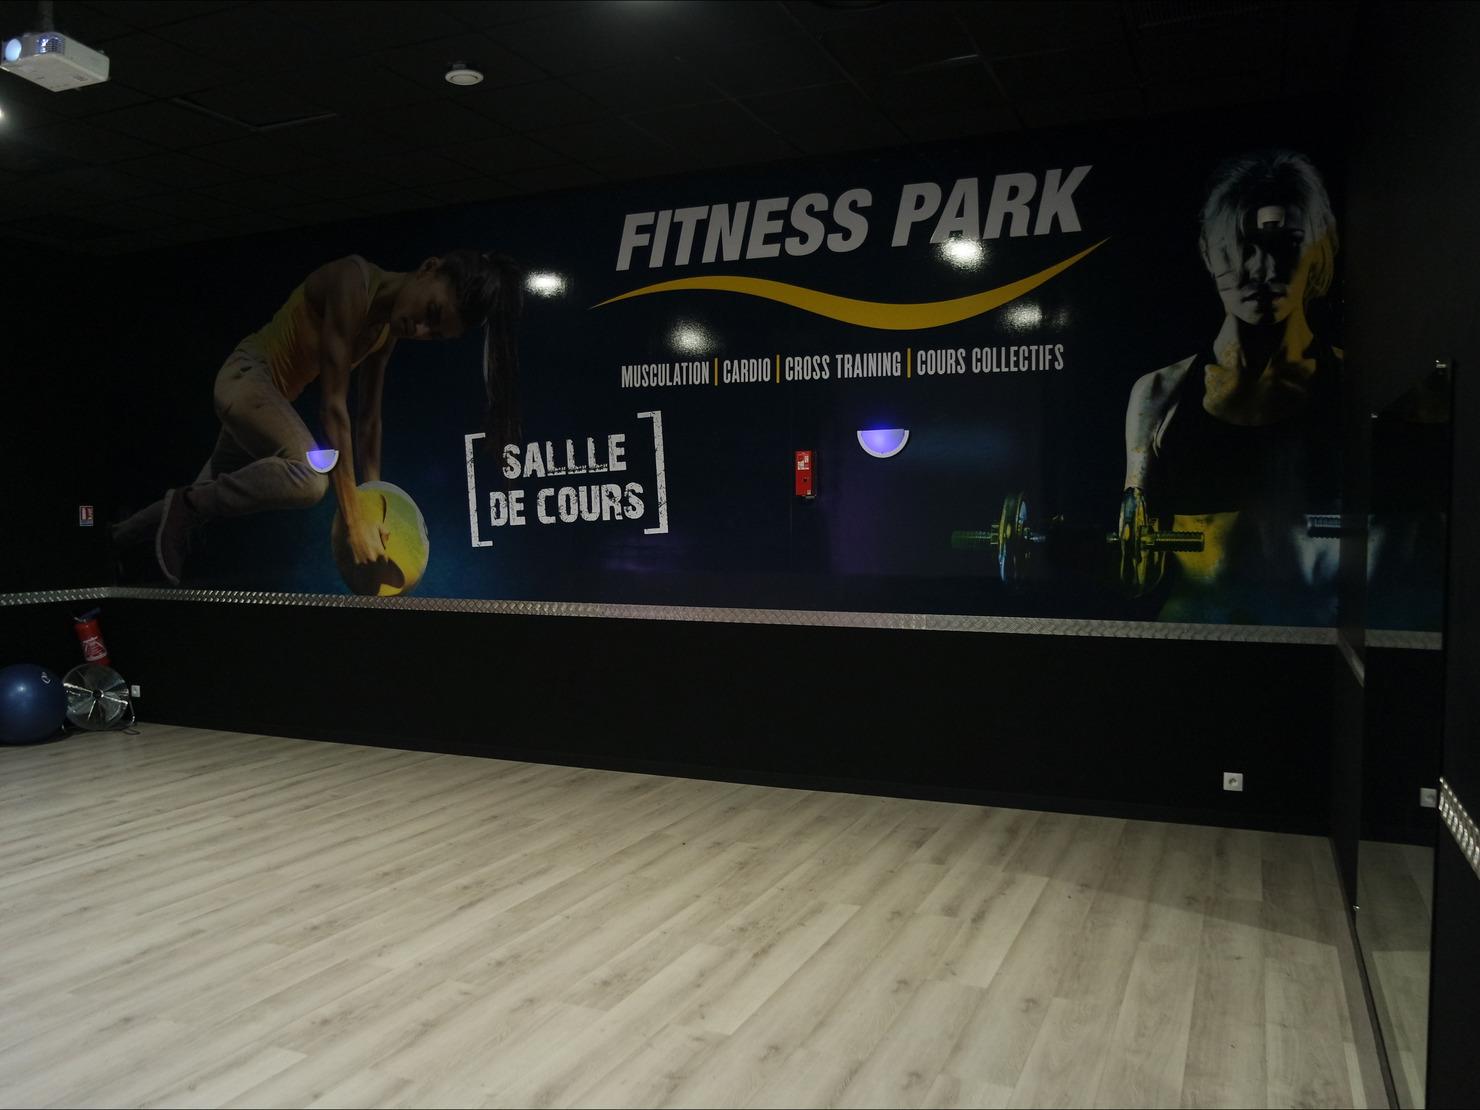 fitness park nanteuil les meaux tarifs avis horaires essai gratuit